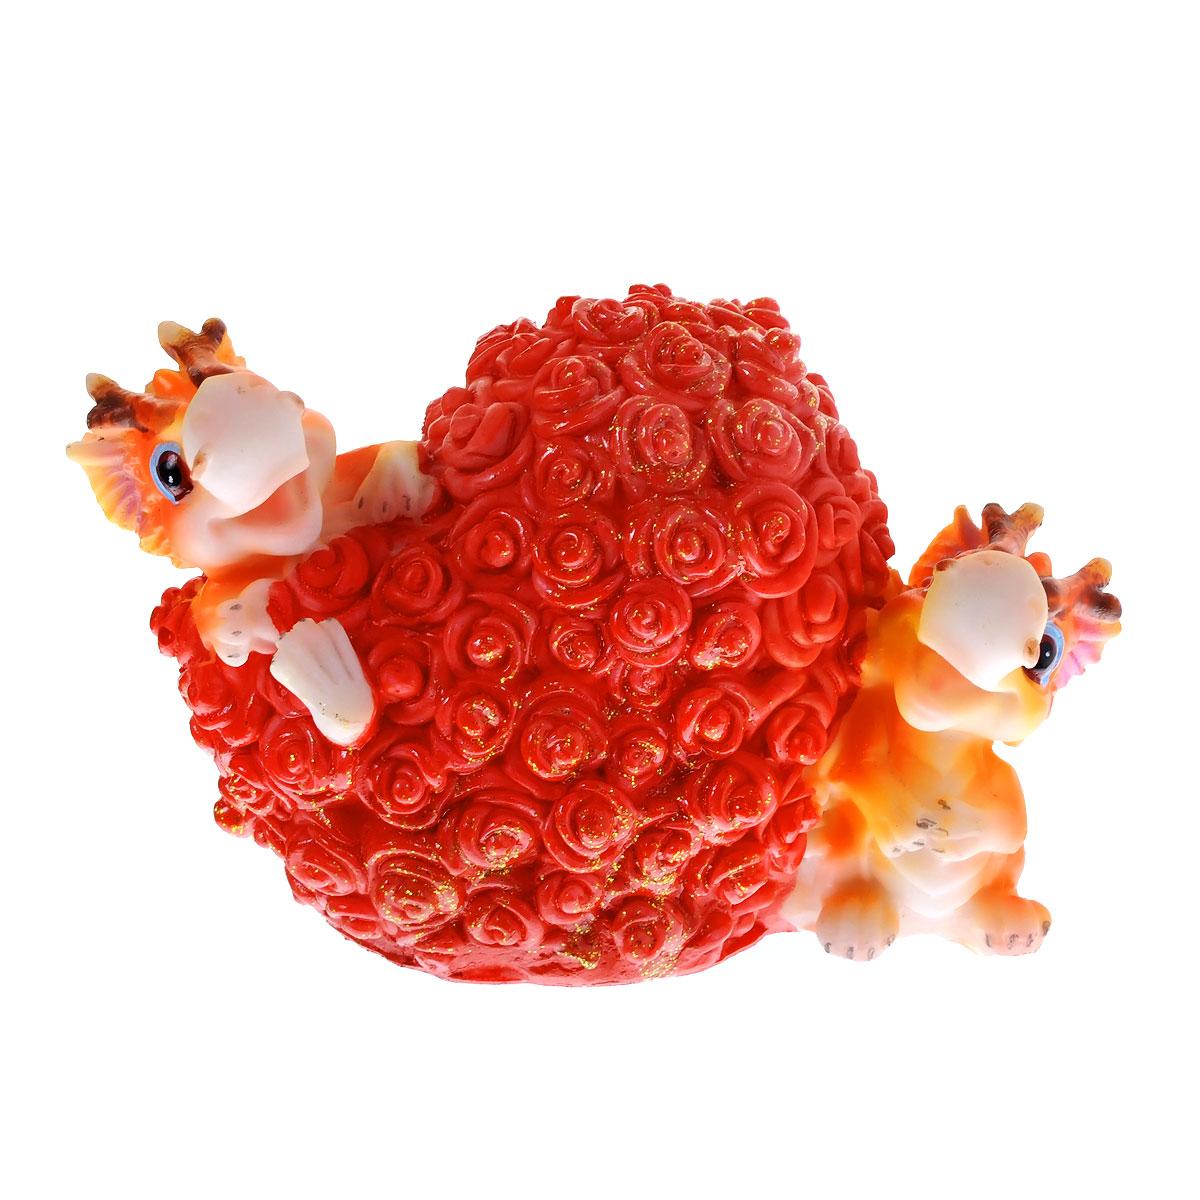 Копилка декоративная Lunten Ranta Дракон и миллион роз58964Декоративная копилка Lunten Ranta Дракон и миллион роз, выполненная из полирезины, станет отличным украшением интерьера вашего дома или офиса. Копилка выполнена в виде двух забавных дракончиков и сердечка из роз. Имеется прорезь для монеток и отверстие на дне изделия, закрывающееся на резиновую пробку, для извлечения денег. Копилка - это оригинальный и нужный подарок на все случаи жизни. Также она может стать оригинальным подарком для всех любителей стильных вещей.